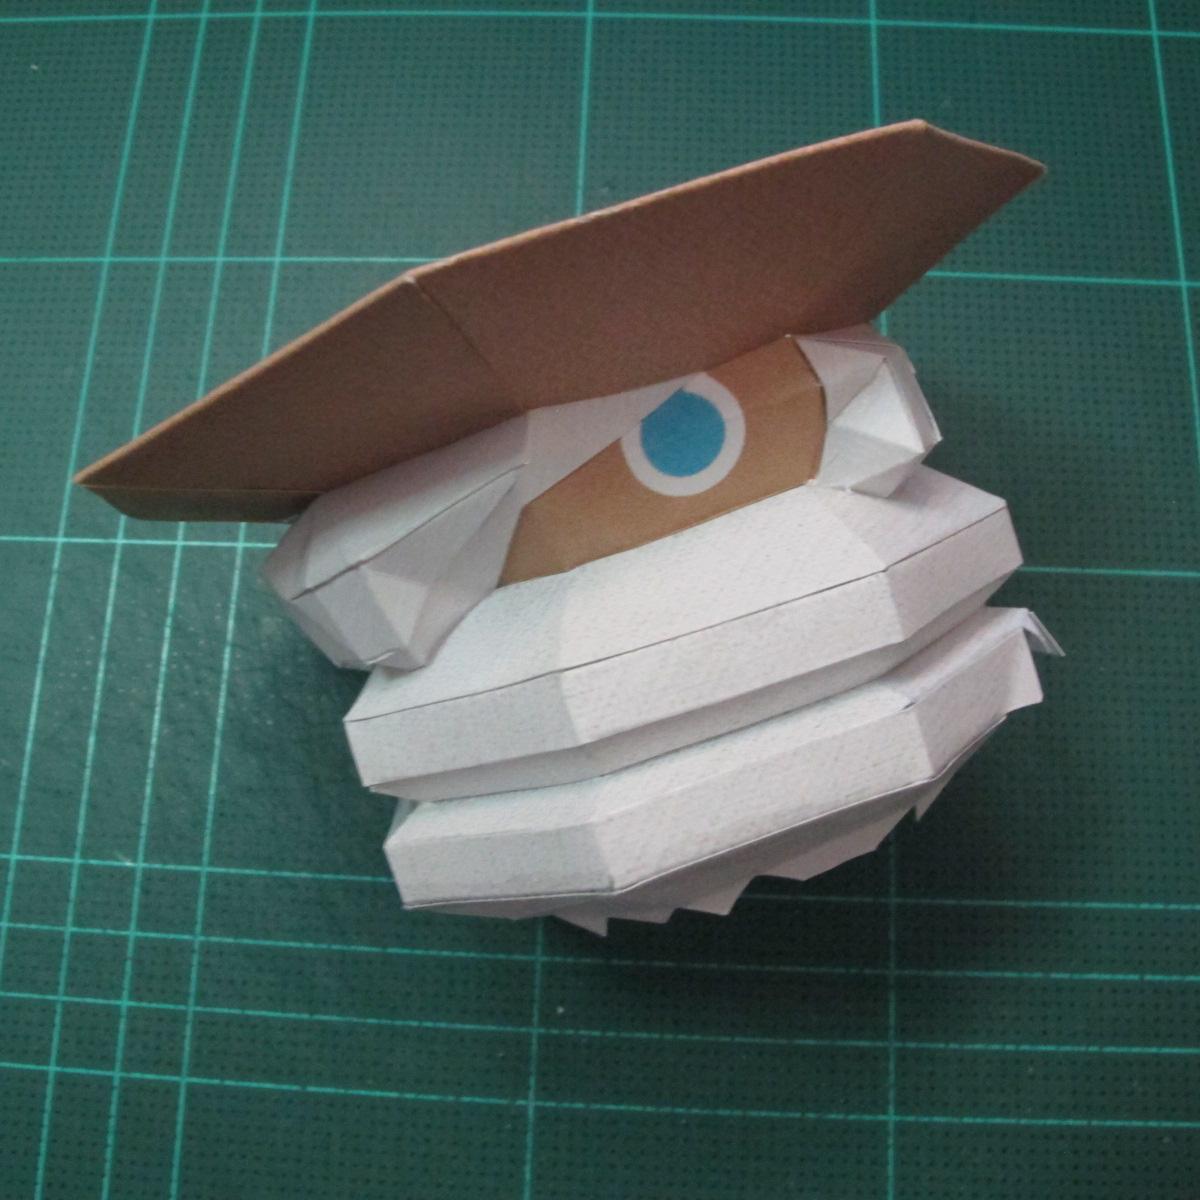 วิธีทำโมเดลกระดาษของเล่นคุกกี้รัน คุกกี้รสพ่อมด (Cookie Run Wizard Cookie Papercraft Model) 047